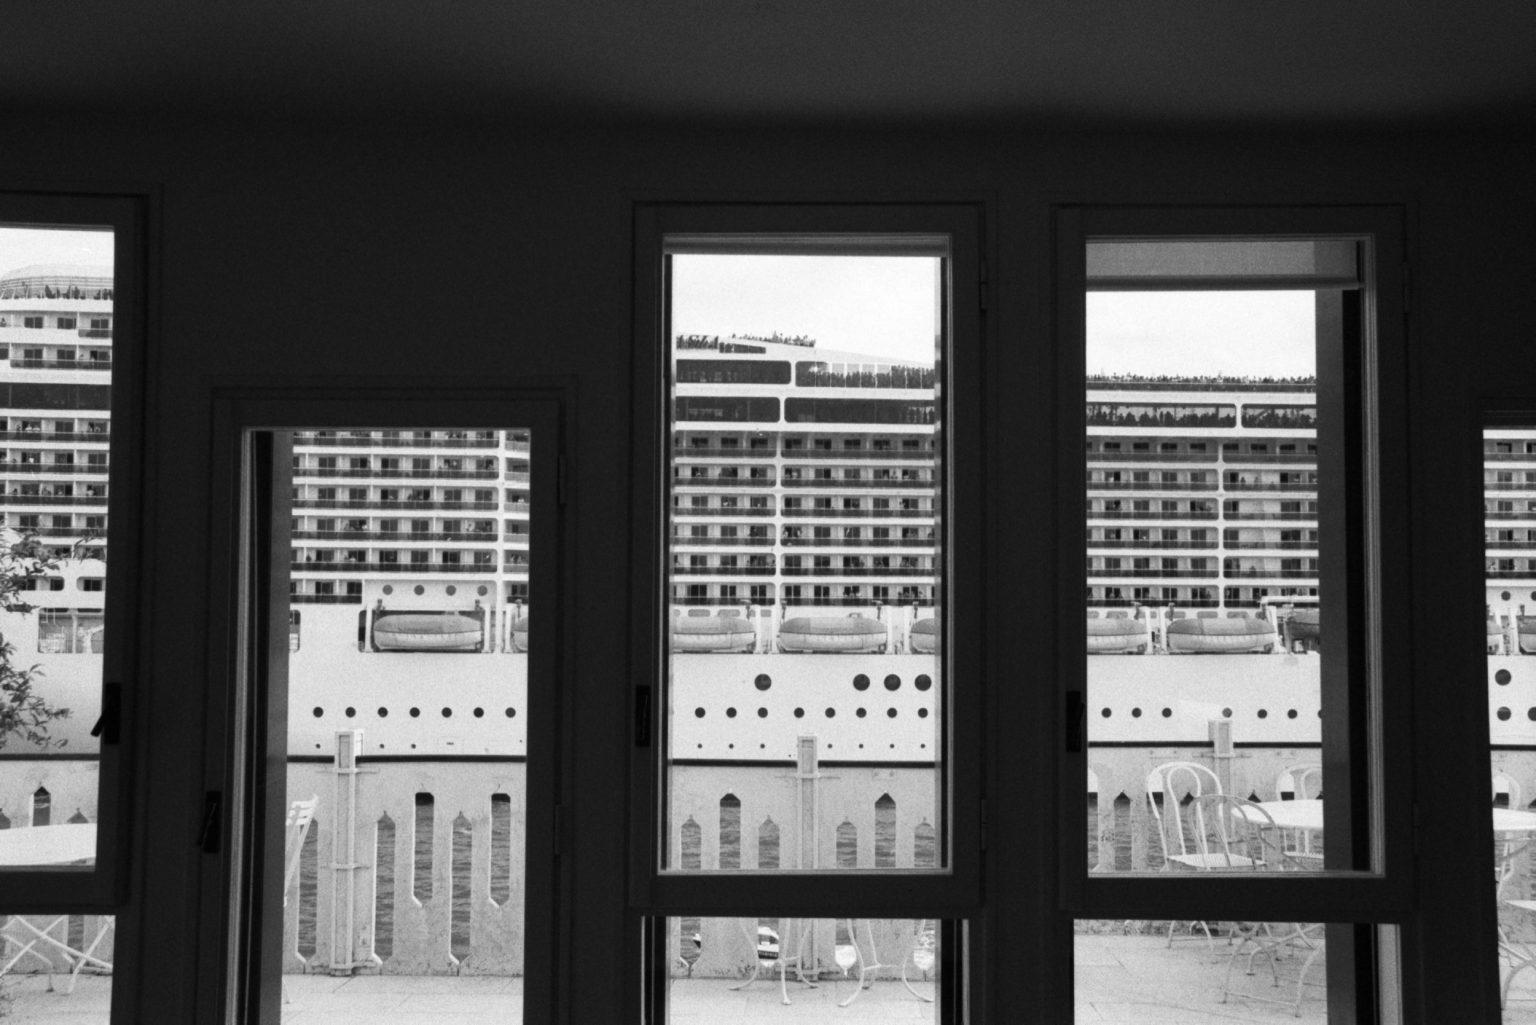 """Venice, August 2013 - Big cruise liners invade the city - MSC Fantasia cruise ship passing by the old town ><  Venezia, agosto 2013 - Le grandi navi da crociera invadono la città - La MSC Fantasia passa davanti al centro storico<p><span style=""""color: #ff0000""""><strong>*** SPECIAL   FEE   APPLIES ***</strong></span></p>*** SPECIAL   FEE   APPLIES *** *** Local Caption *** 00483761"""